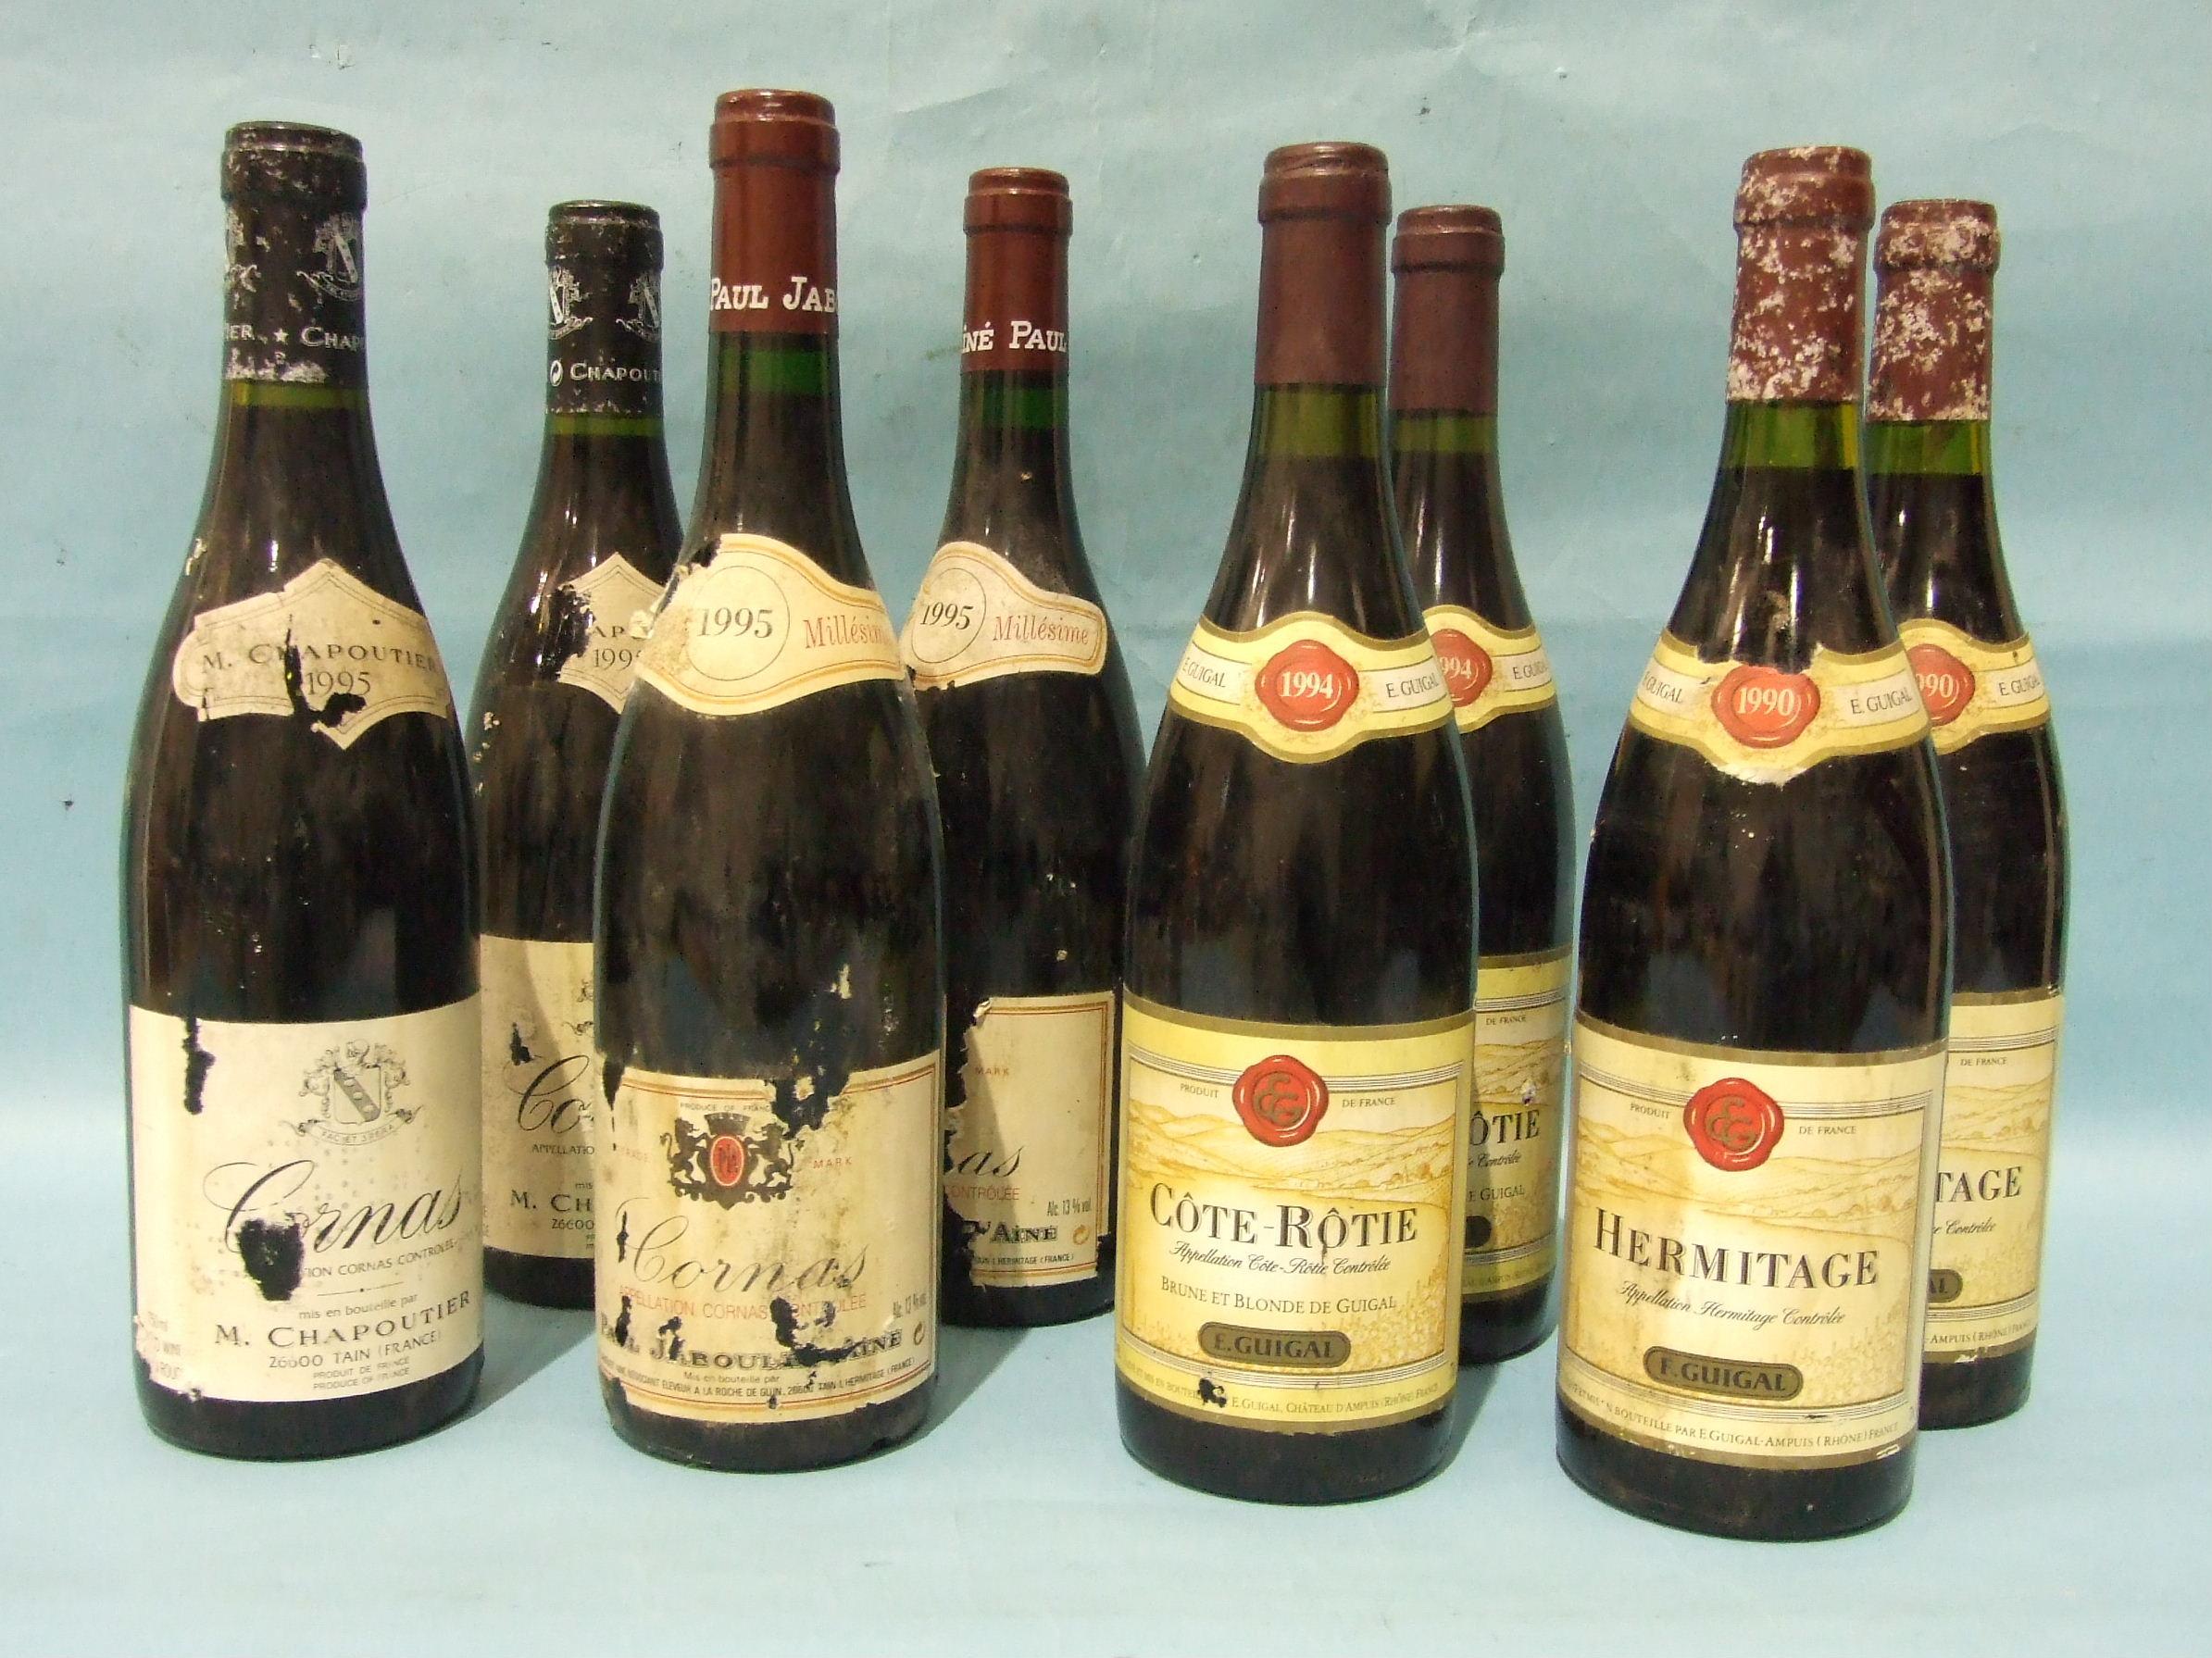 Lot 26 - Cornas Chapoutier 1995, two bottles, Côte Rotie Guigal 1994, two bottles, Cornas Jaboulet 1995,